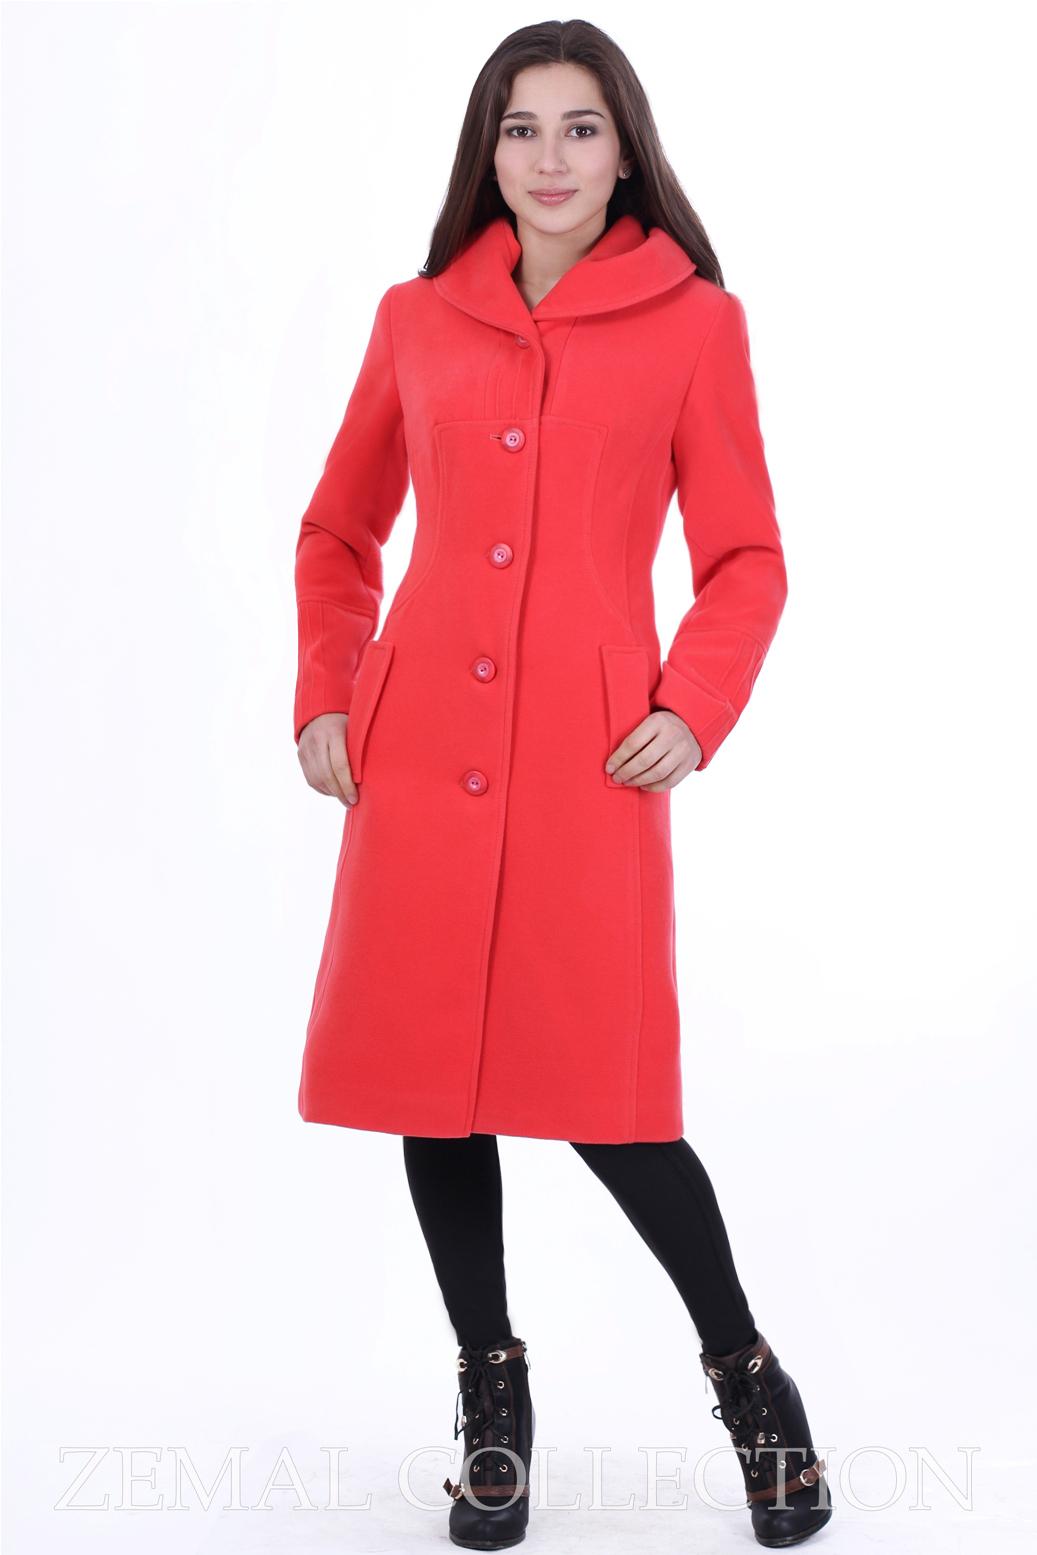 Купить Пальто От Производителя